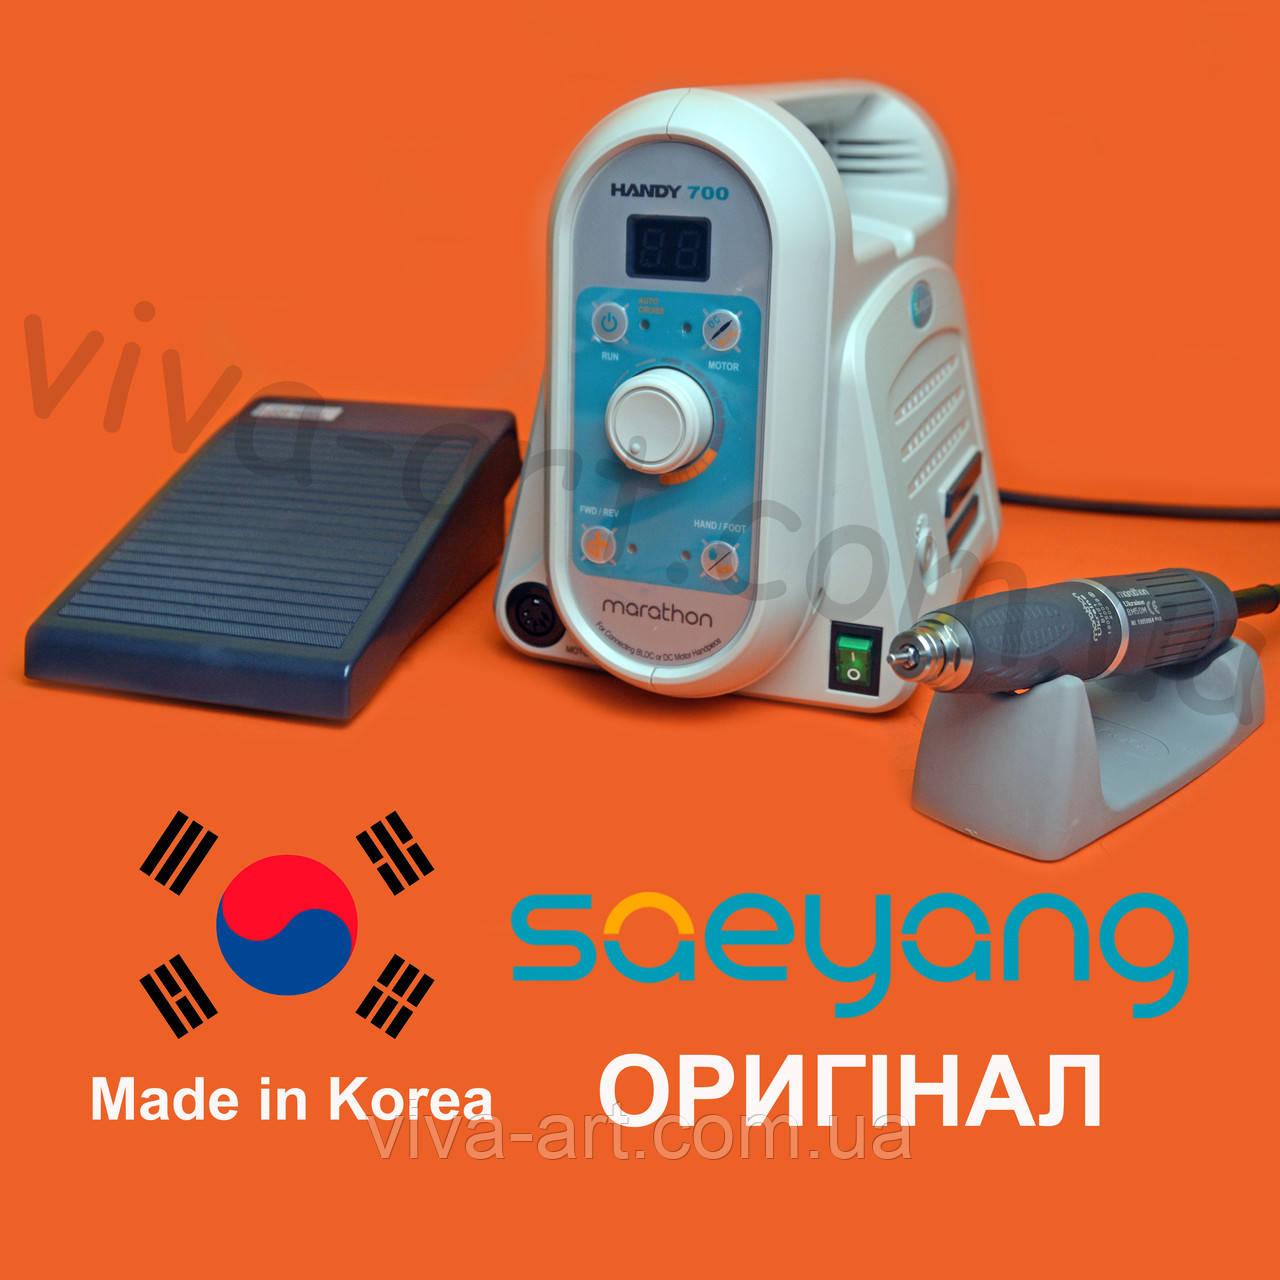 Потужний фрезер з безщітковим двигуном для педикюру Handy 700 / BM50M, до 50000 об / хв. Потужність 230W. ОРИГ